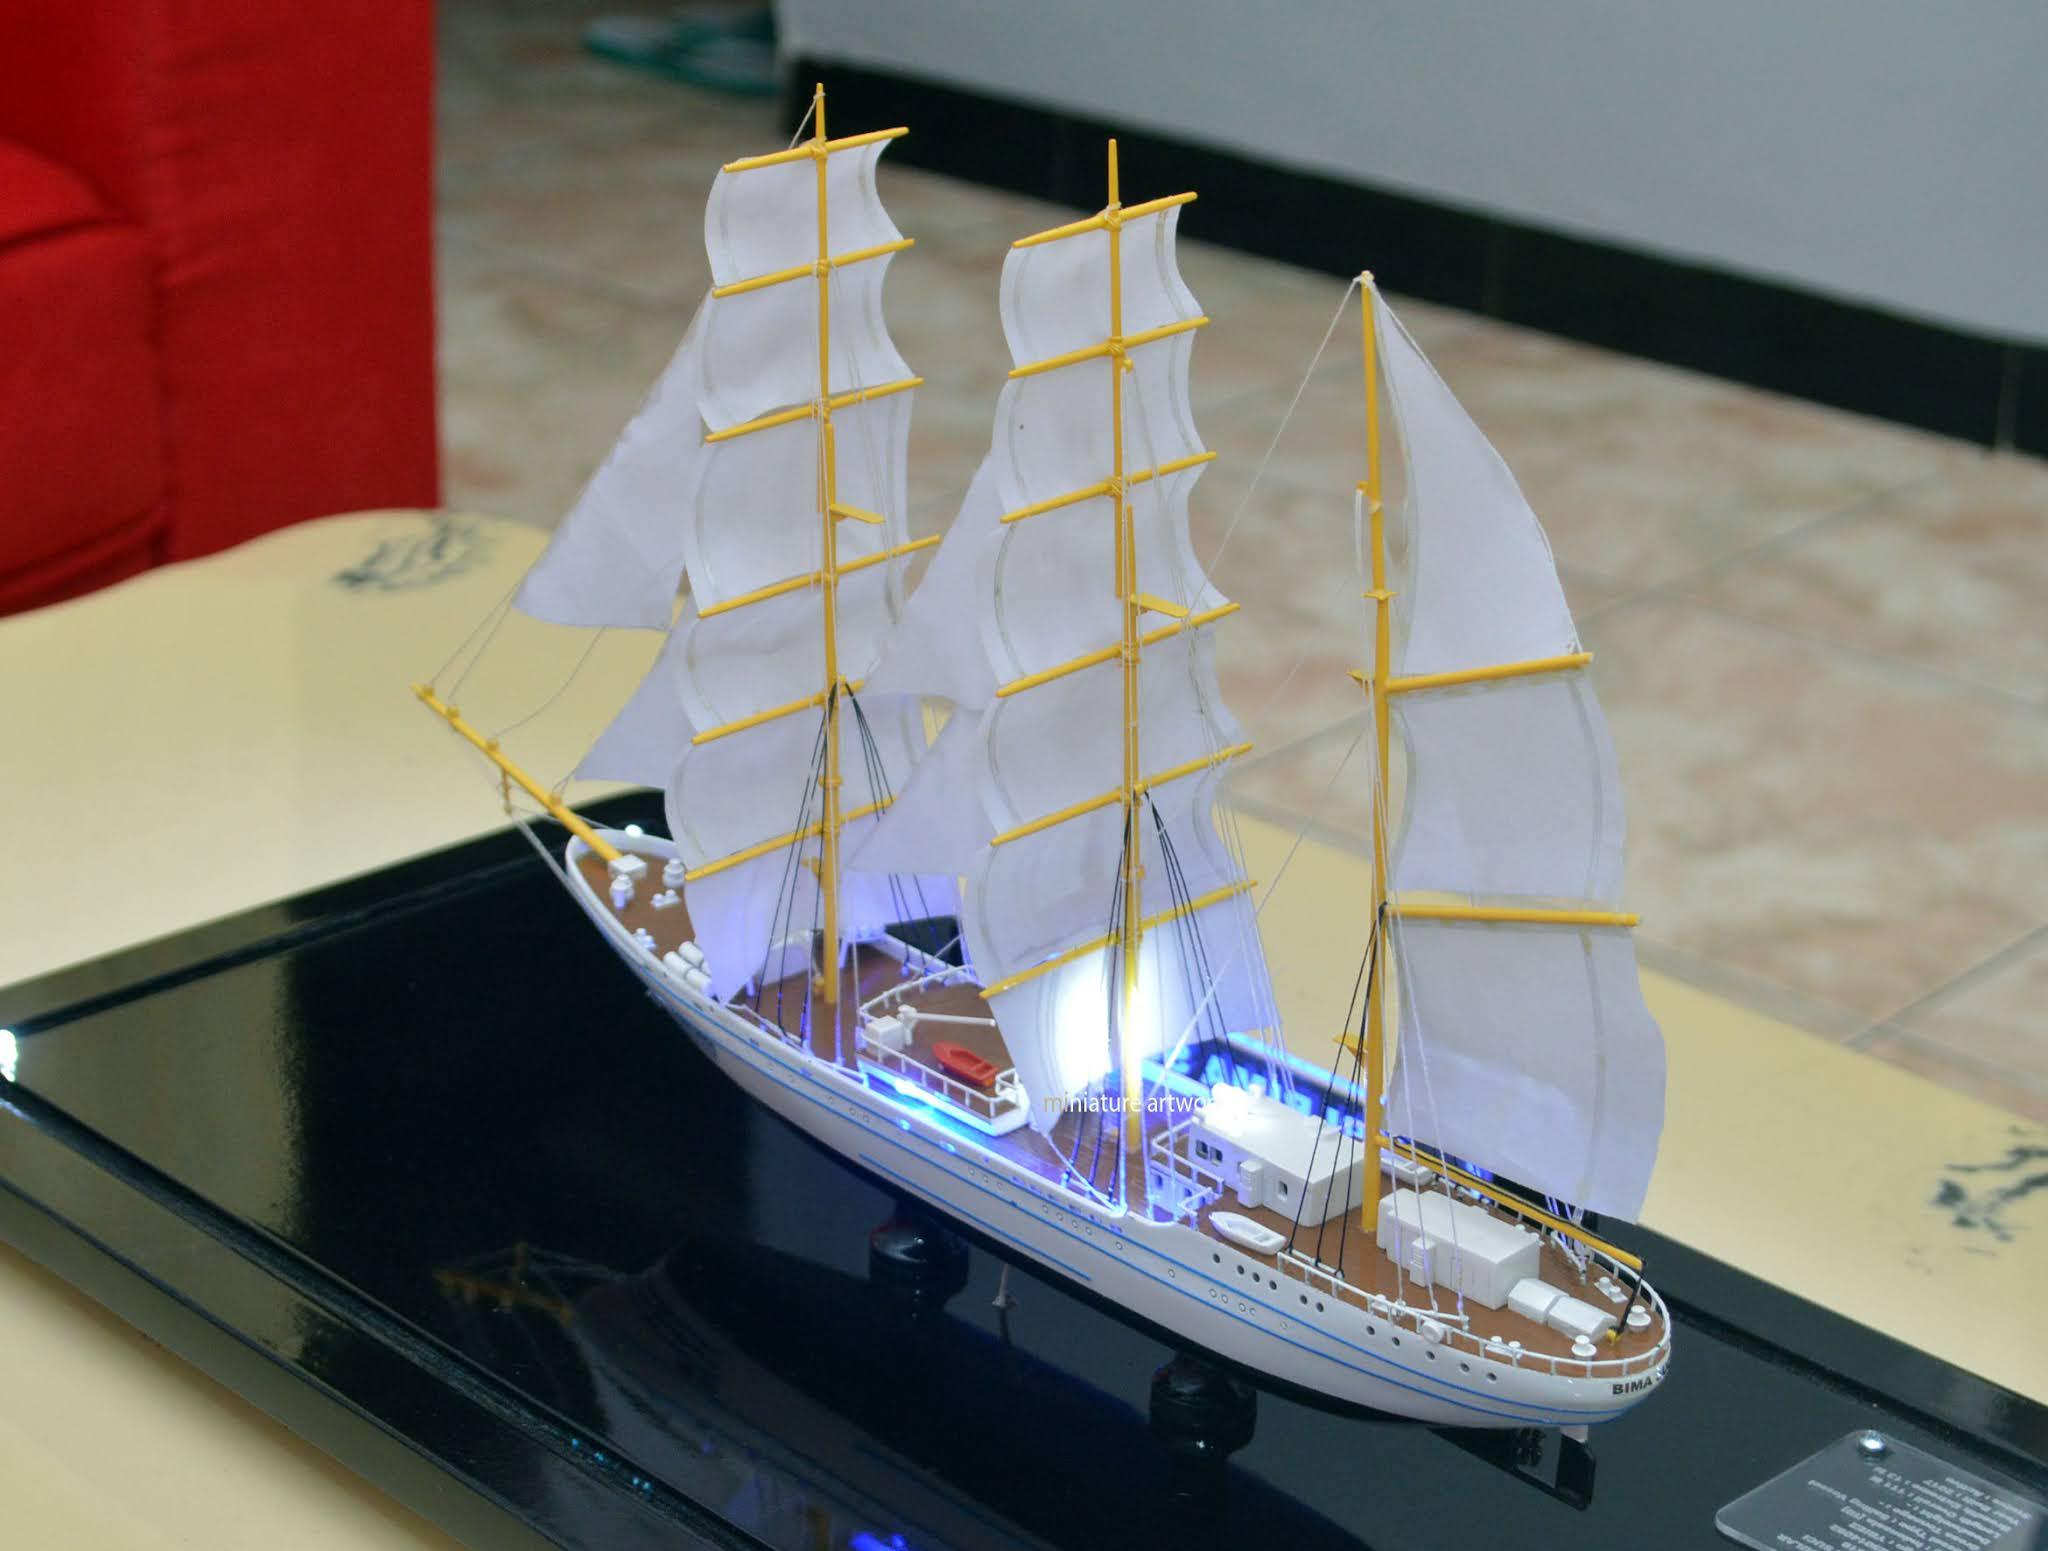 jual souvenir maket miniatur kapal layar kri bima suci 945 tni al terbaik kadet taruna